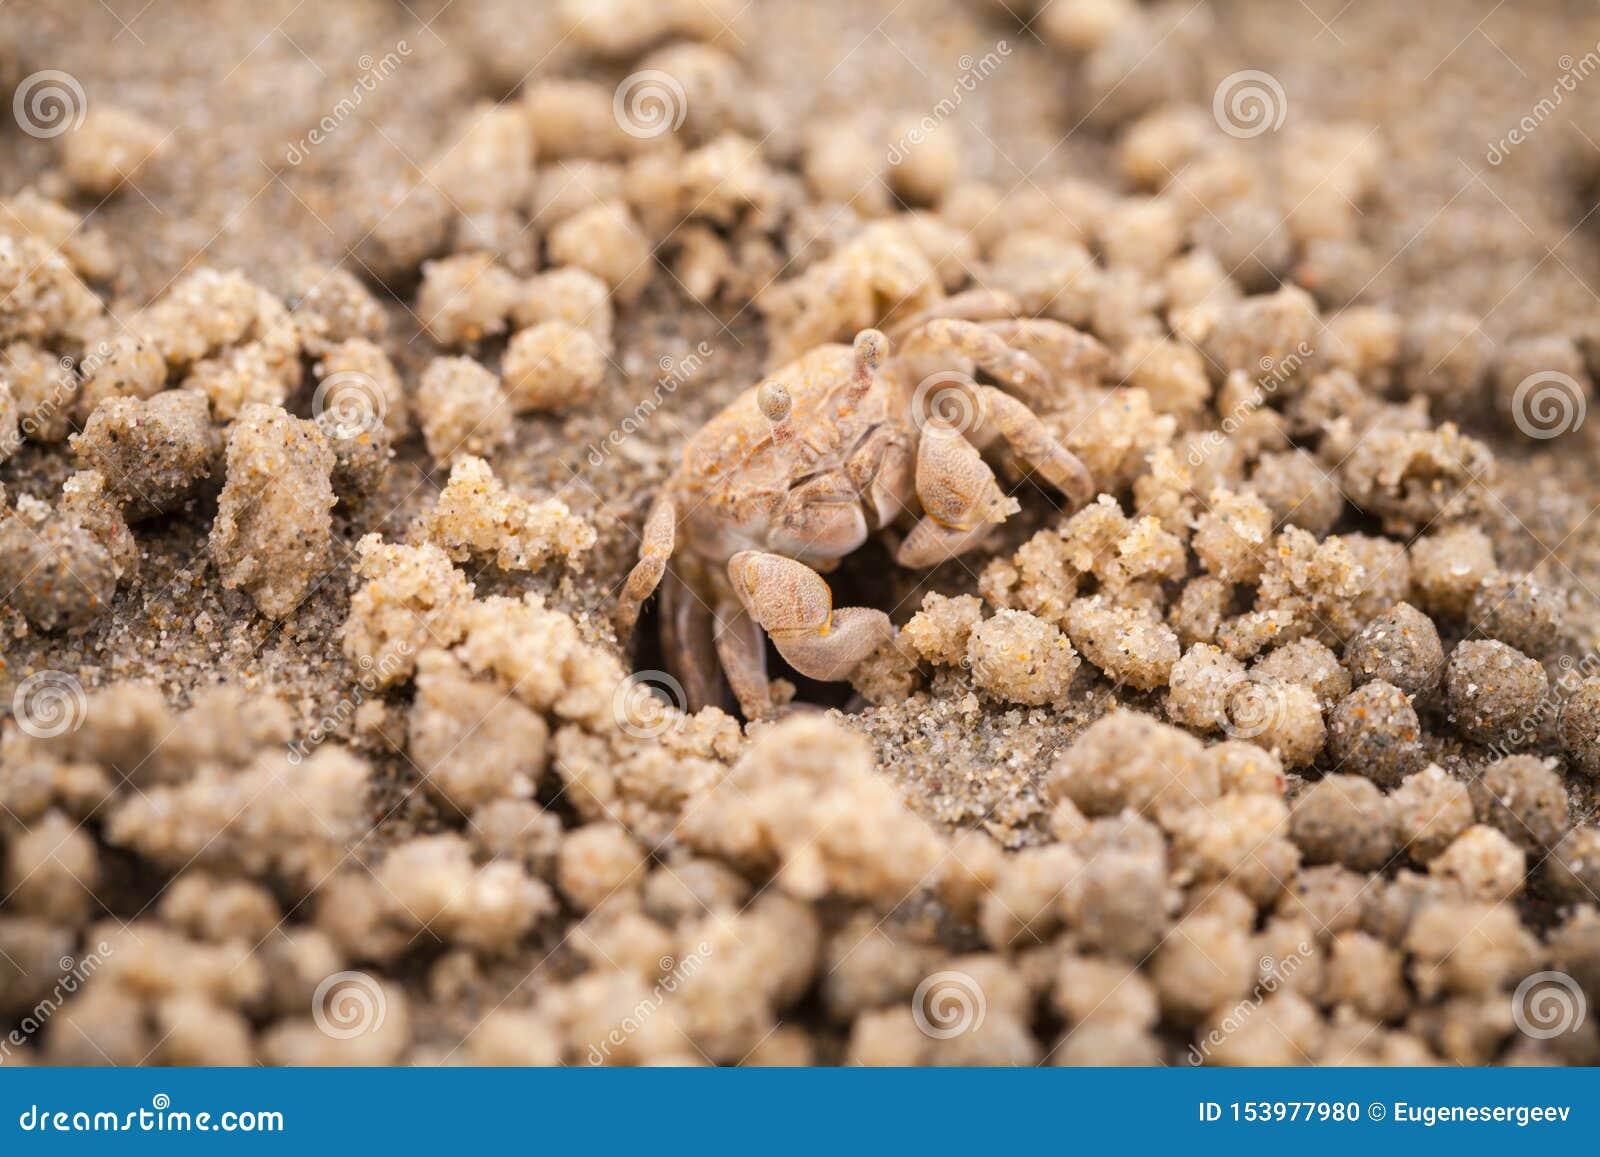 Caranguejo do bebedoiro autom?tico da areia ou areia-bebedoiro autom?tico, macro